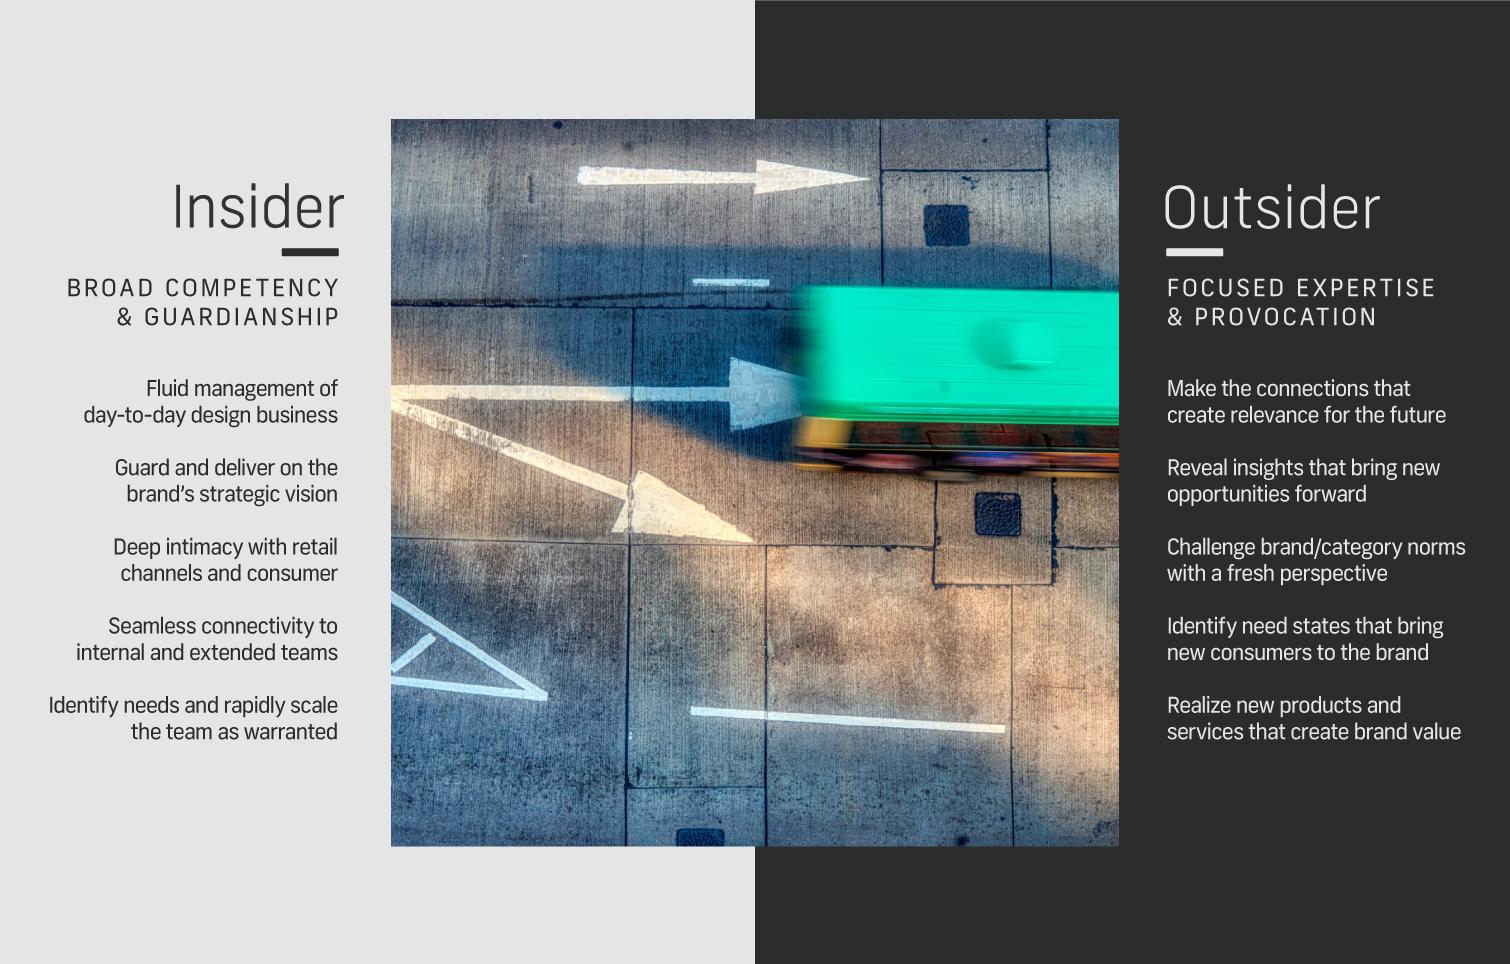 072519-insider-outsider.jpg